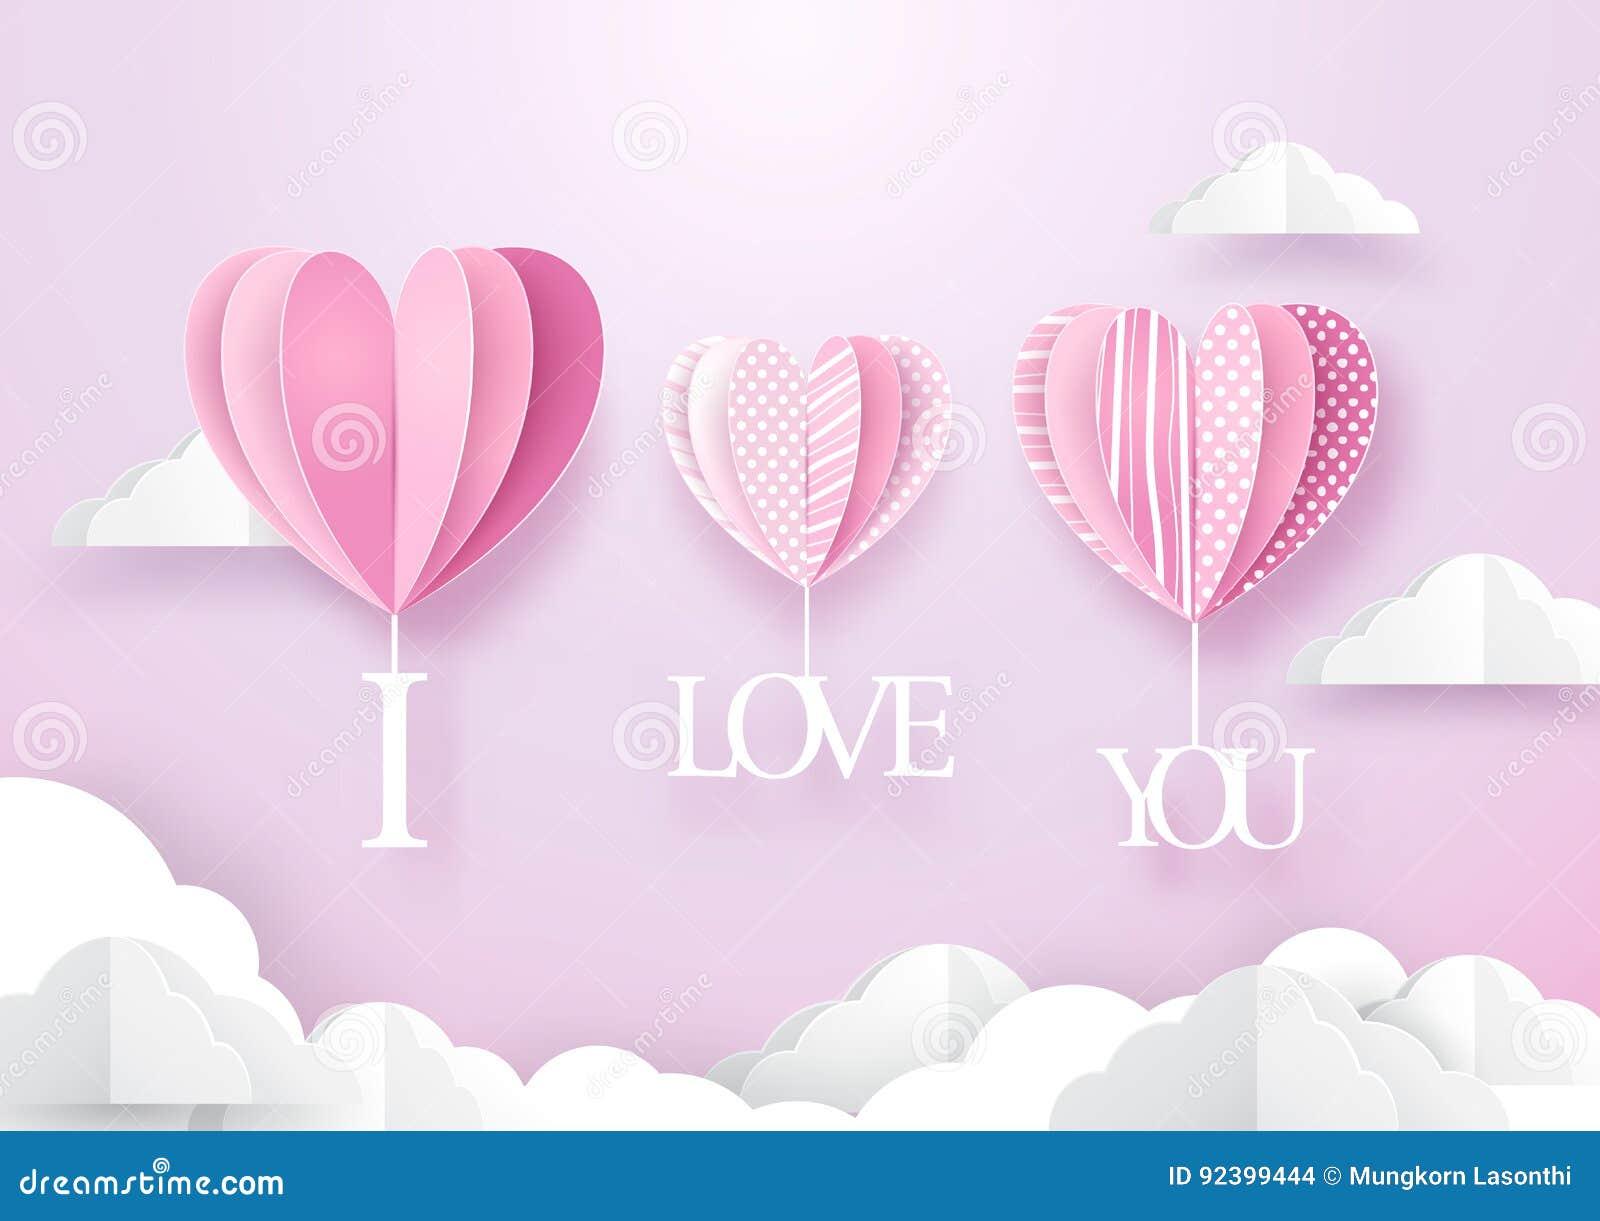 Форма сердца раздувает смертная казнь через повешение с я тебя люблю словом над небом